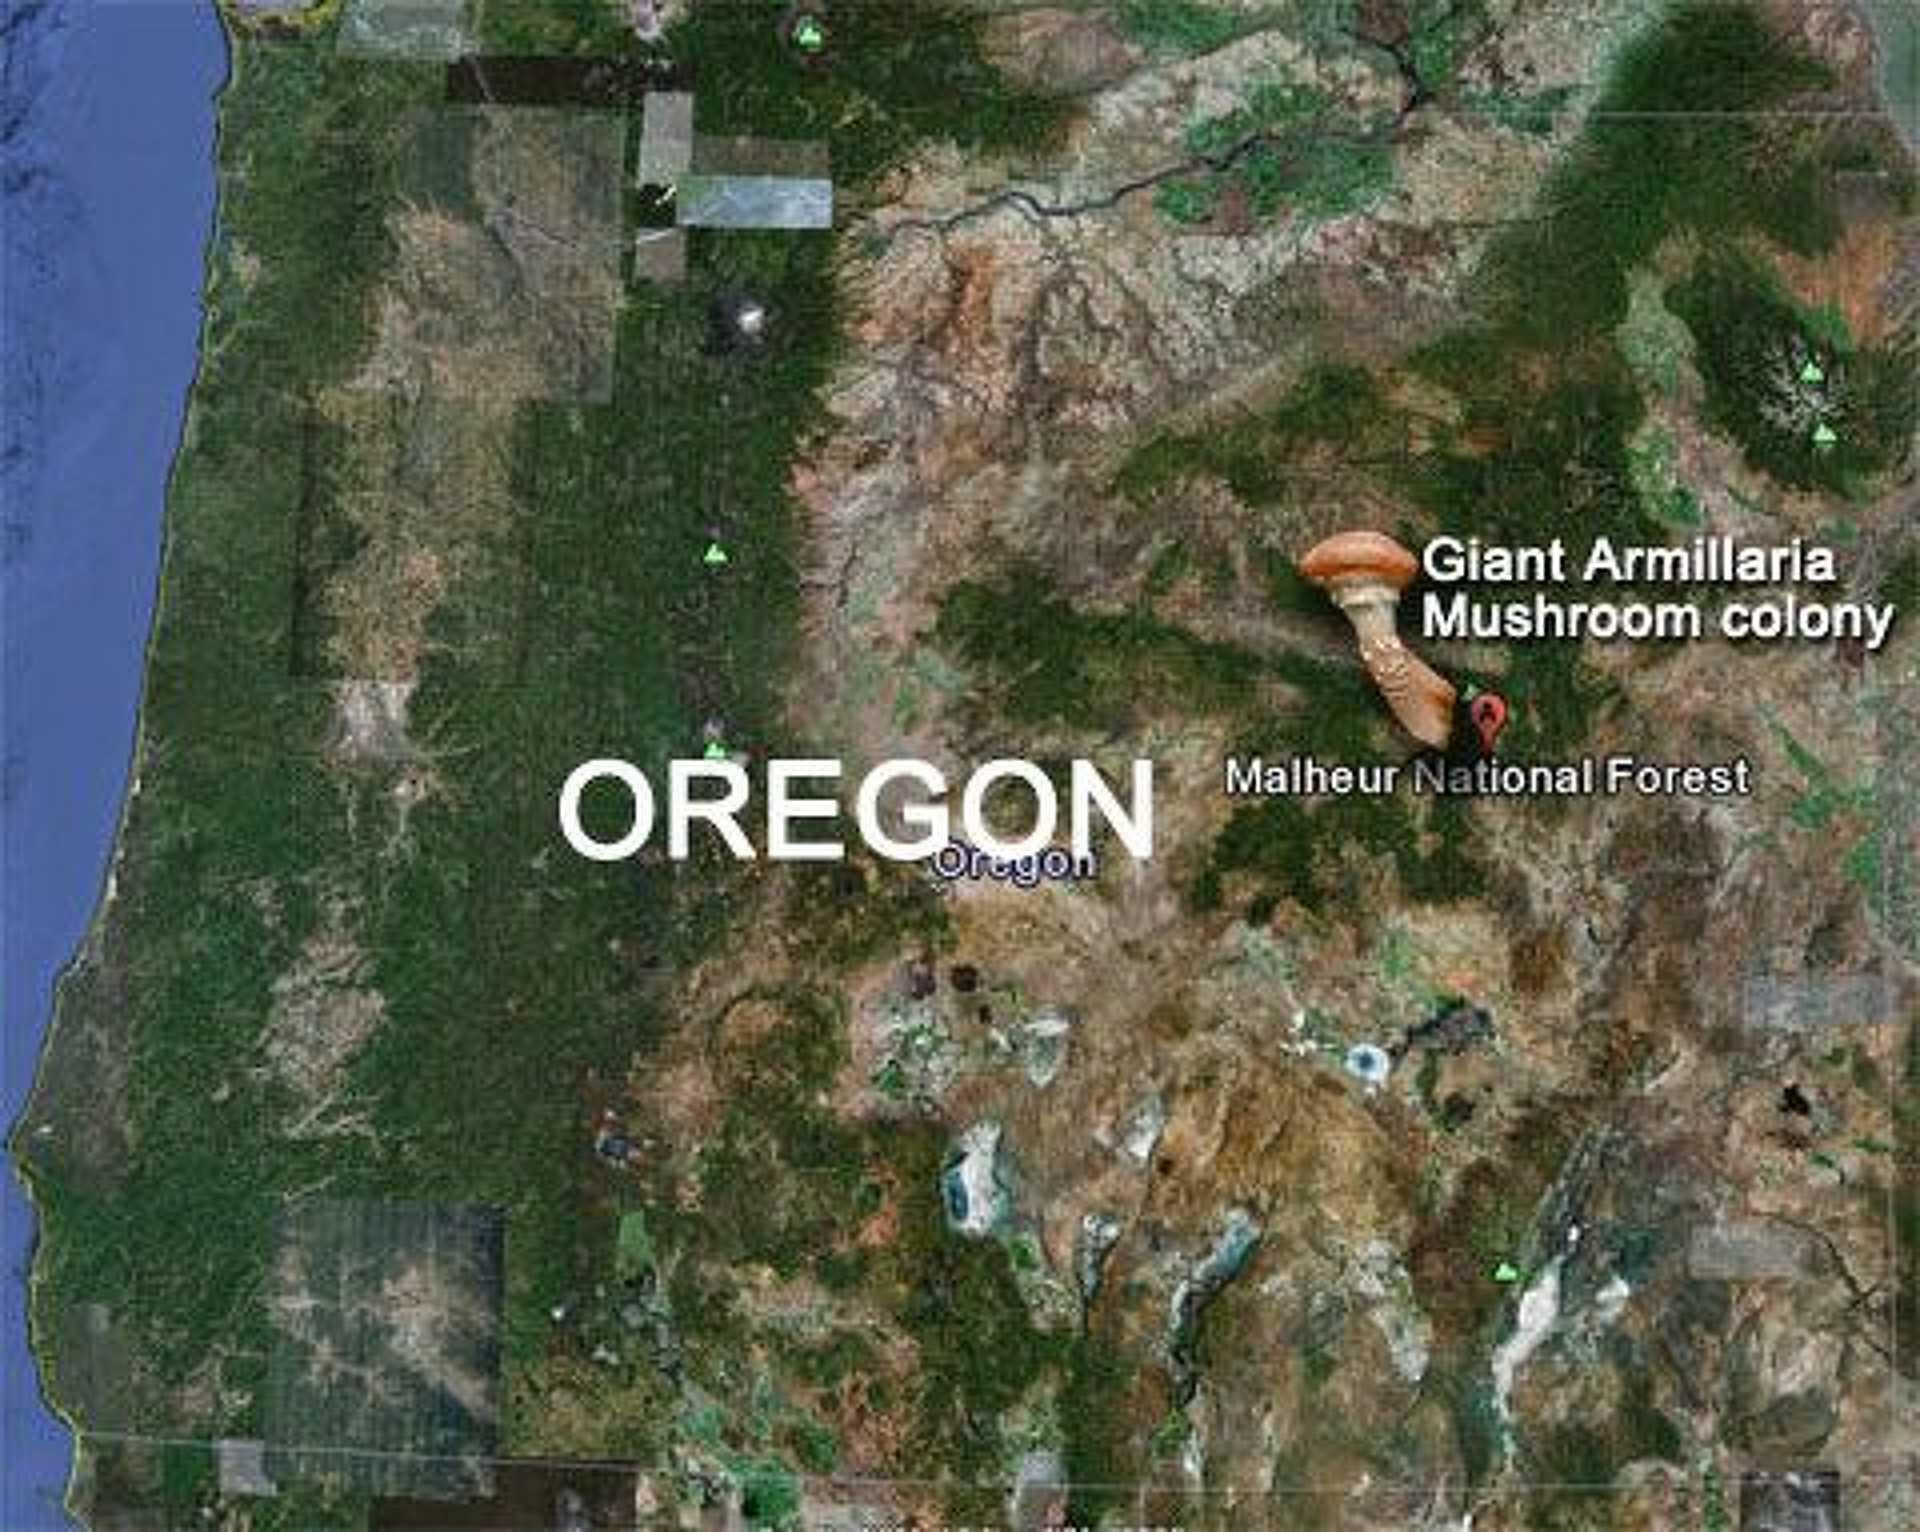 Oregonban található